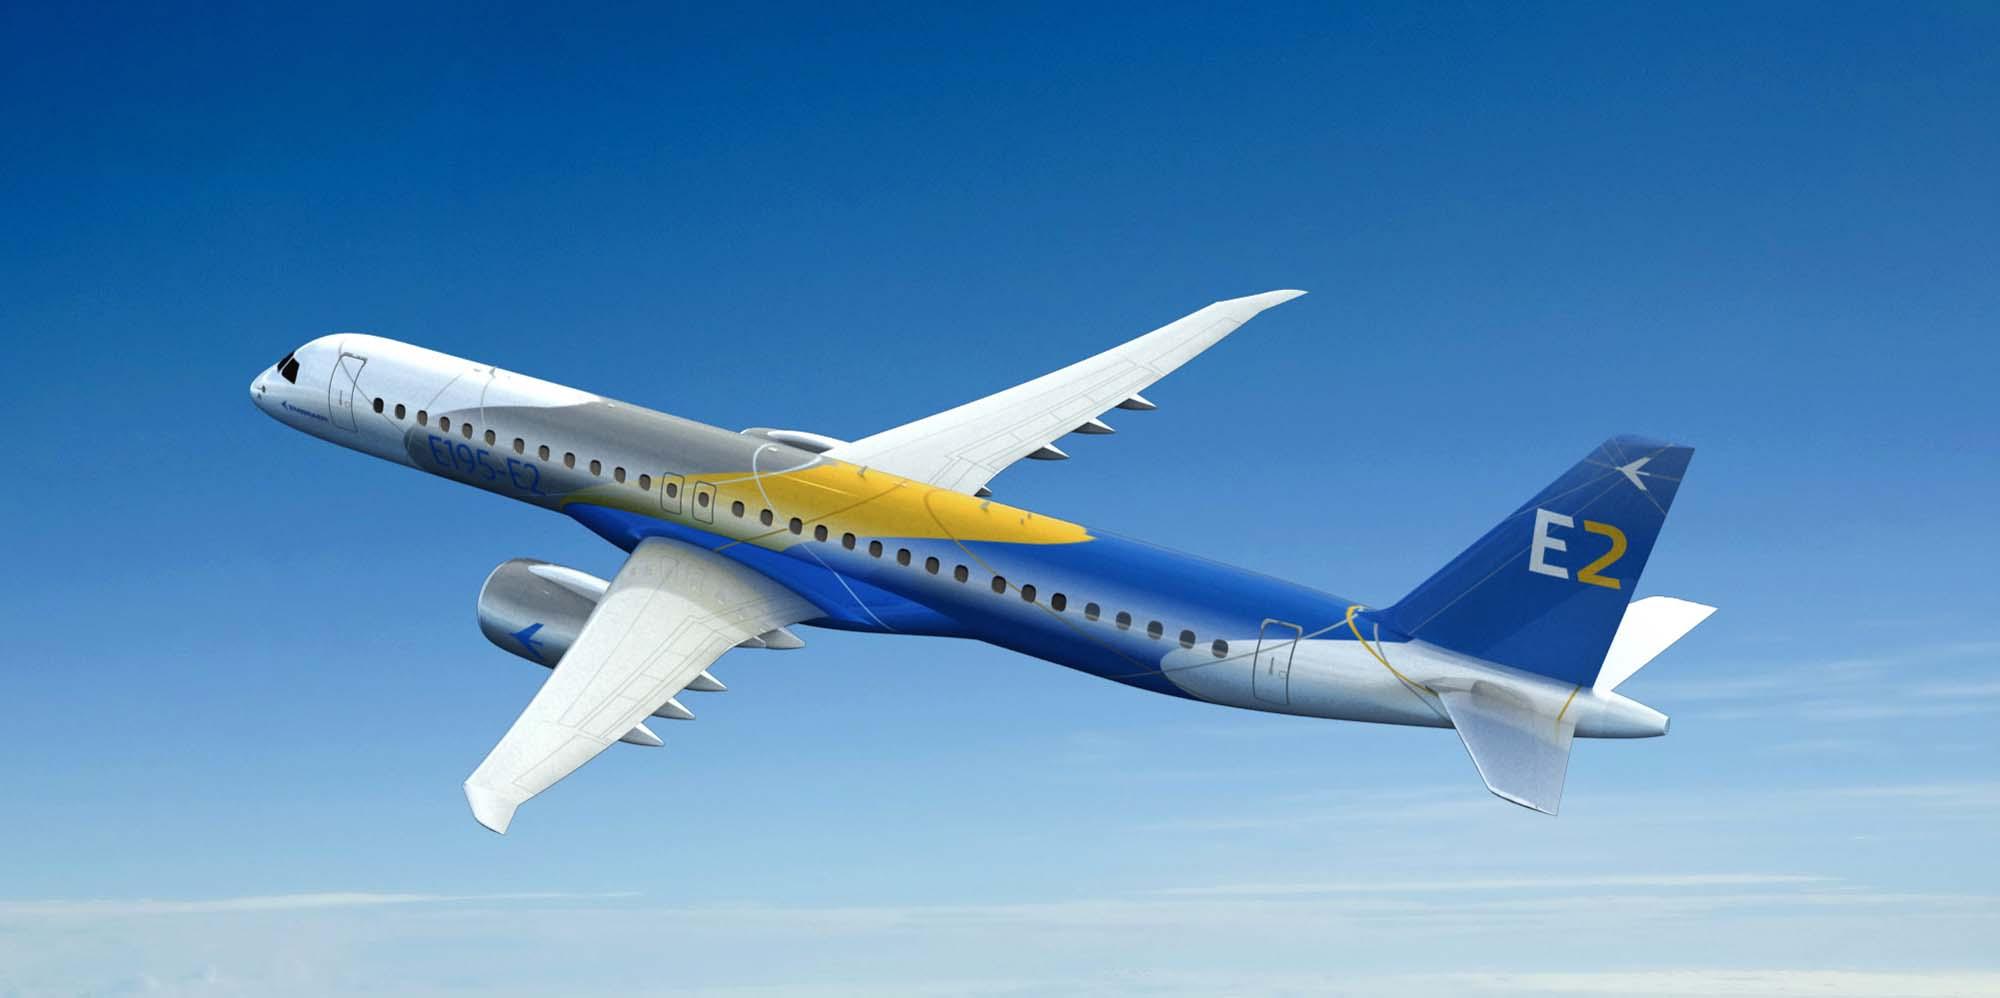 E195-E2-recorte-2-imagem-Embraer.jpg